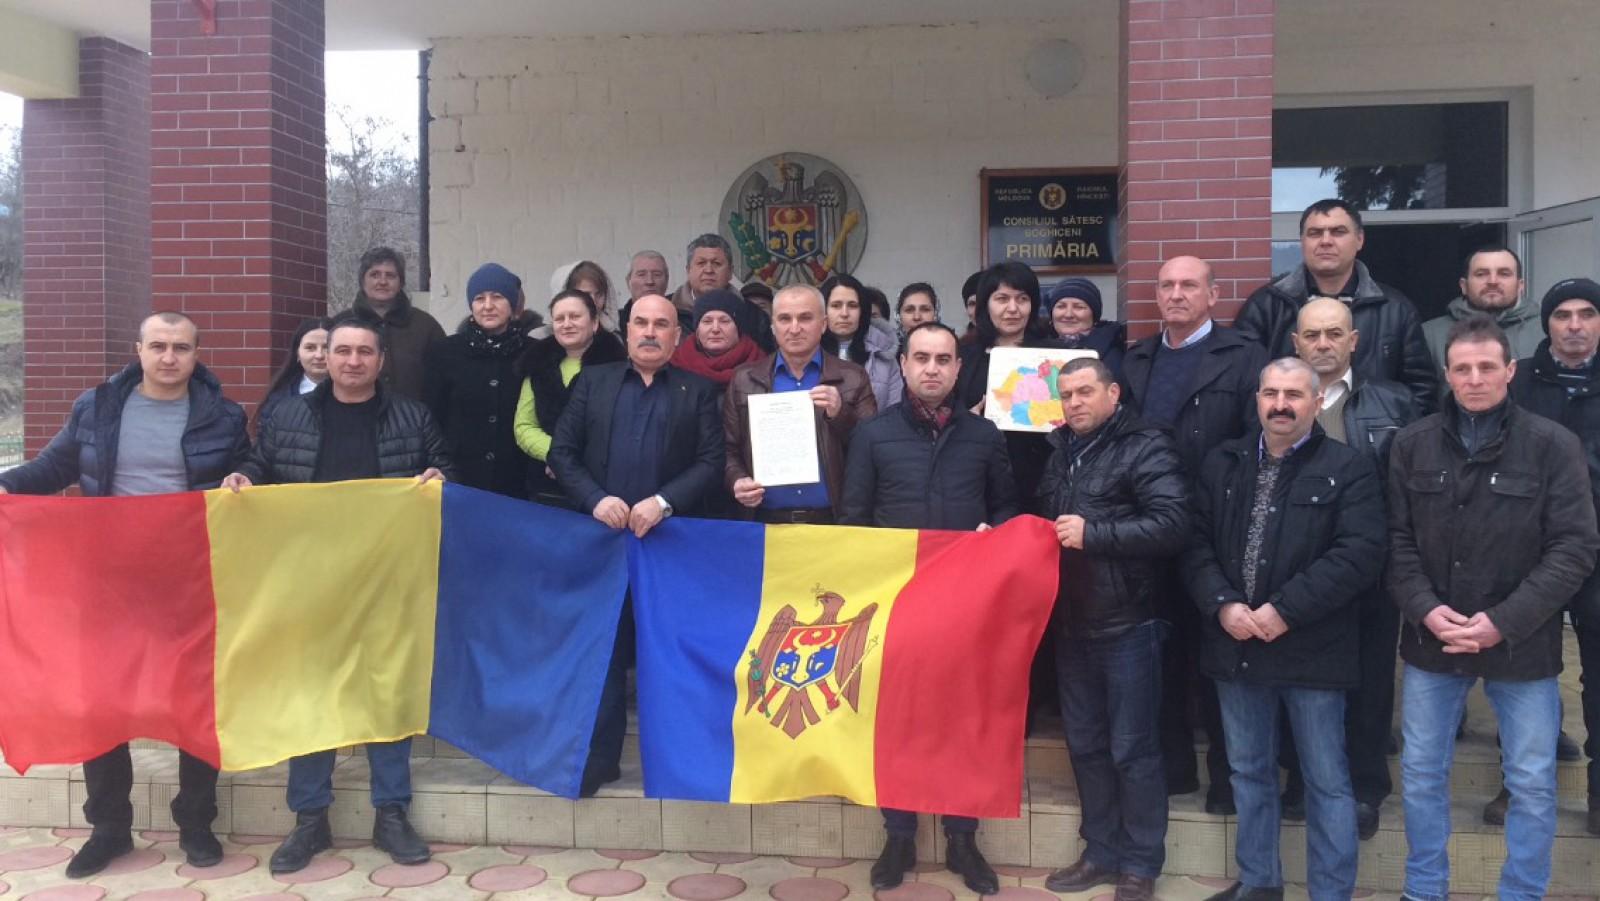 A 14-a localitate din Republica Moldova a semnat Declarația de Unire cu România